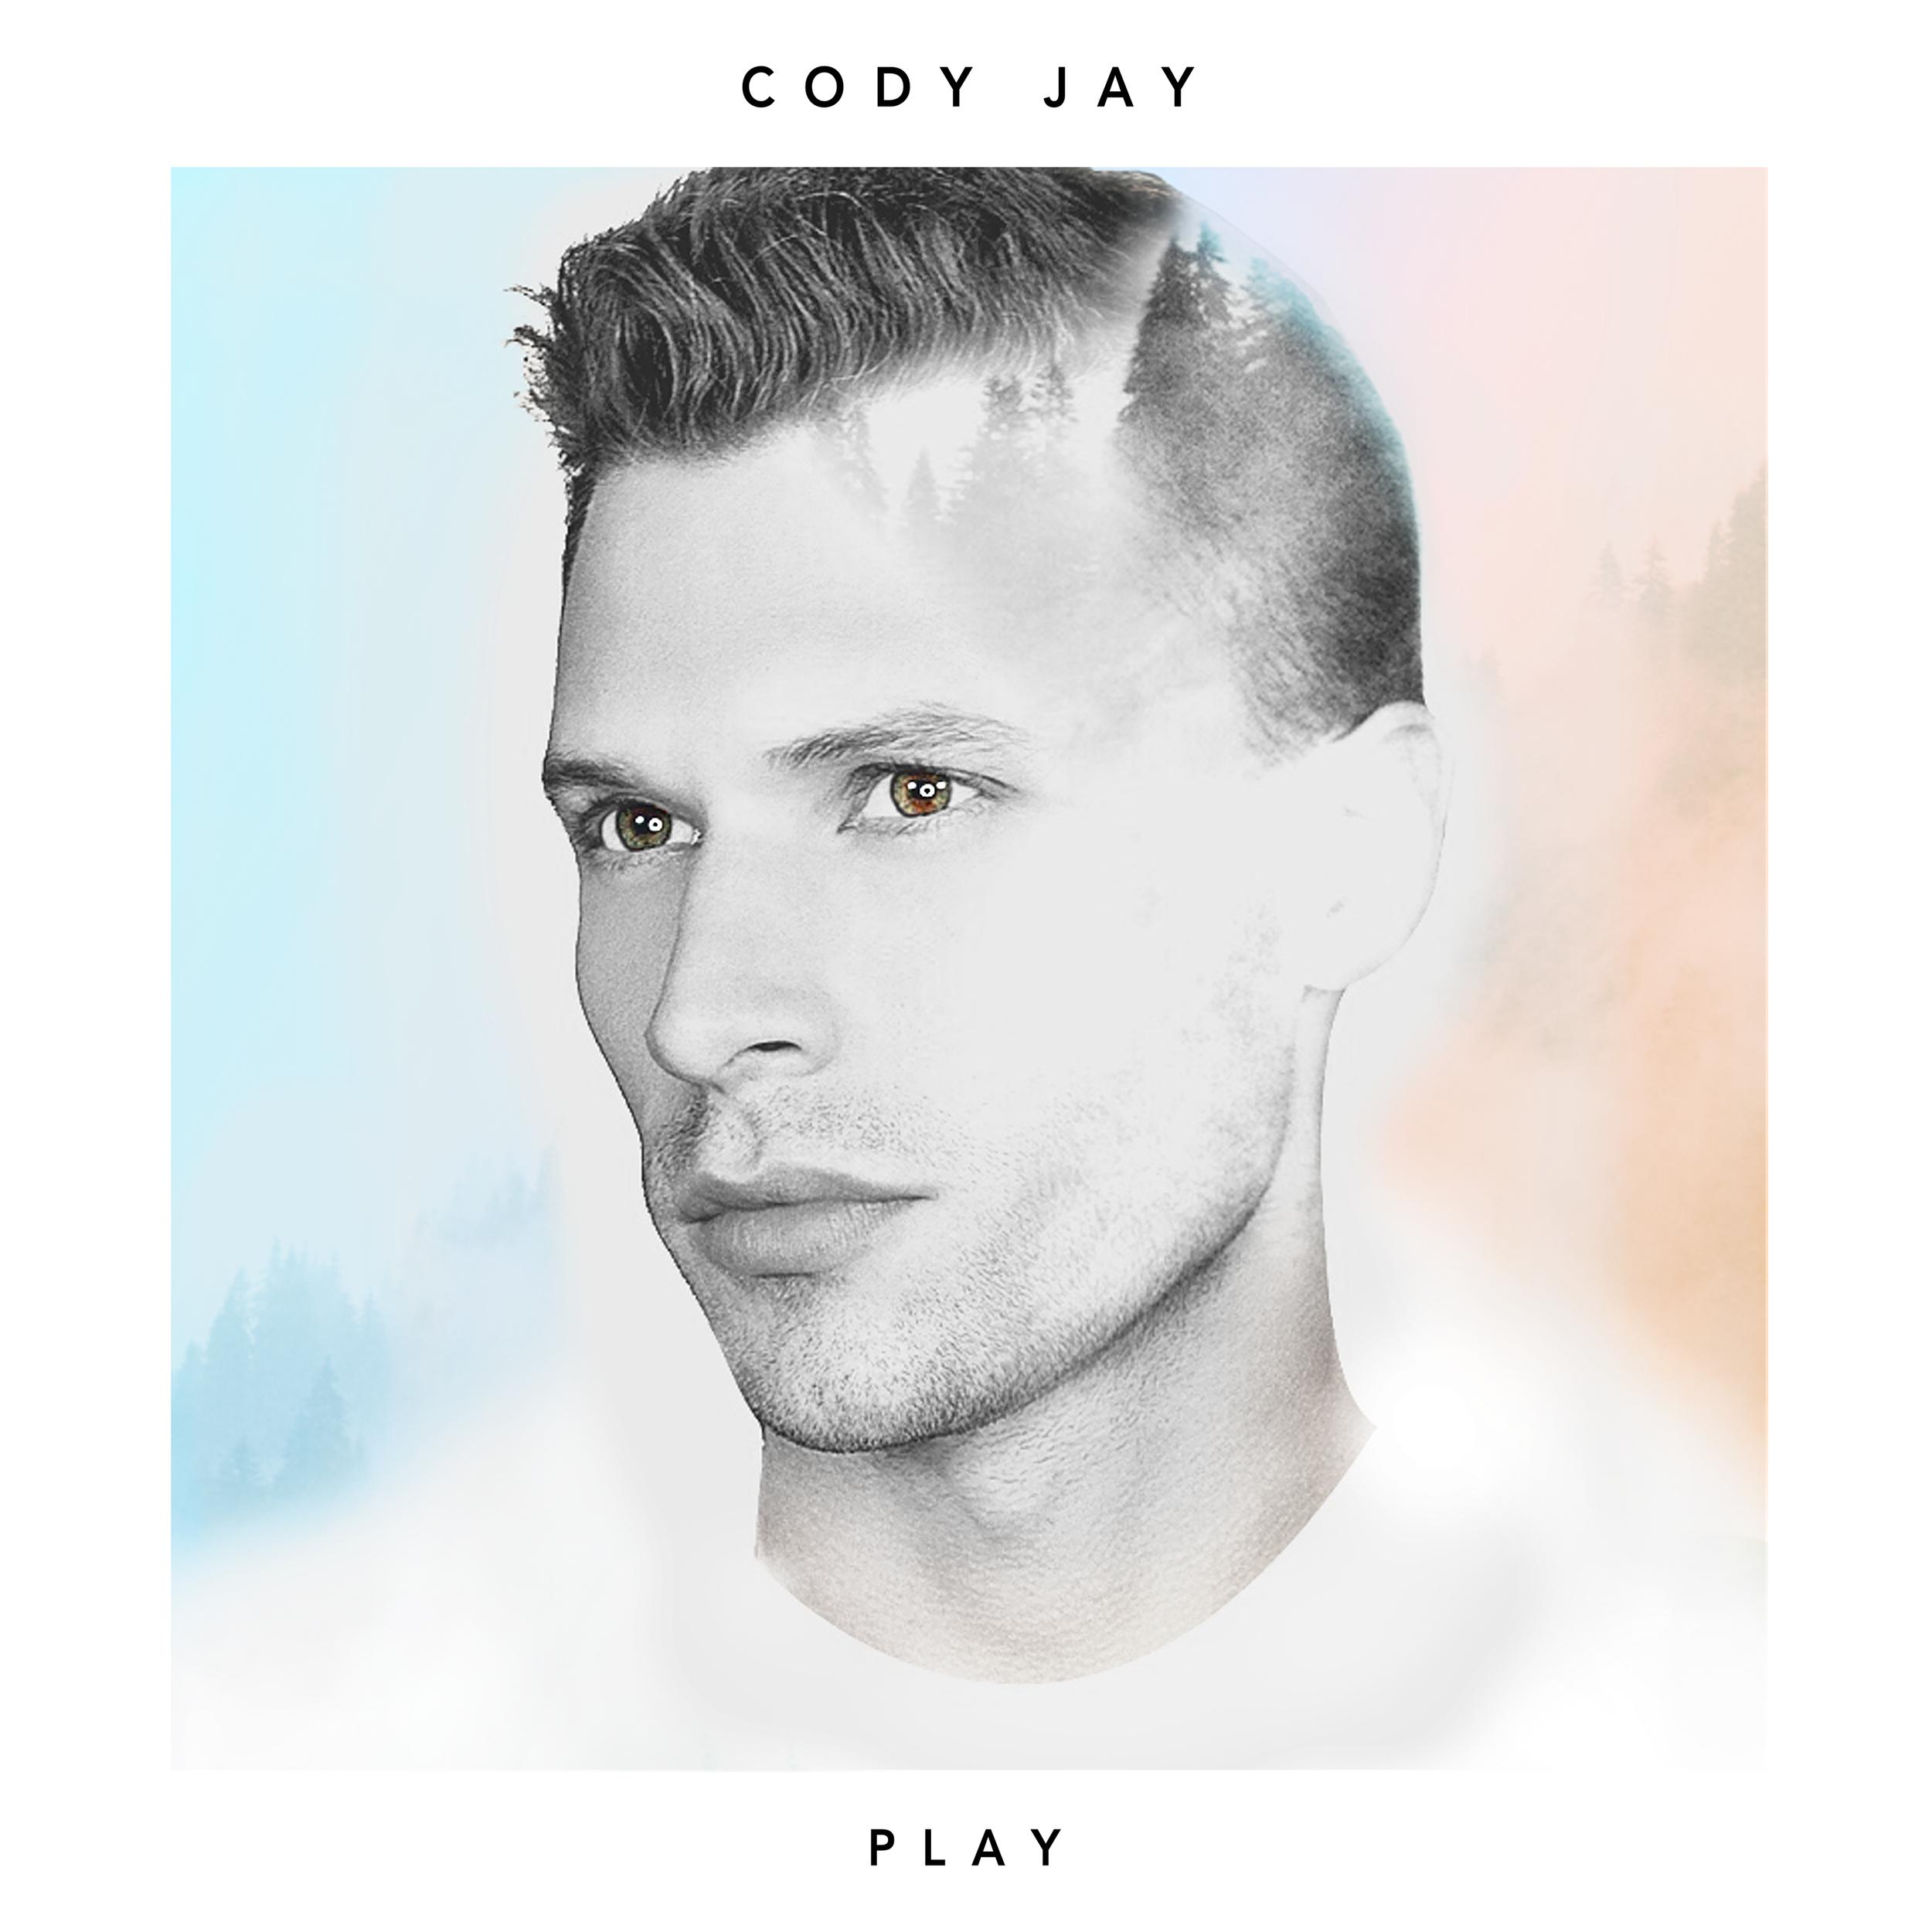 CODY JAY - PLAY [CD BABY ARTWORK].png